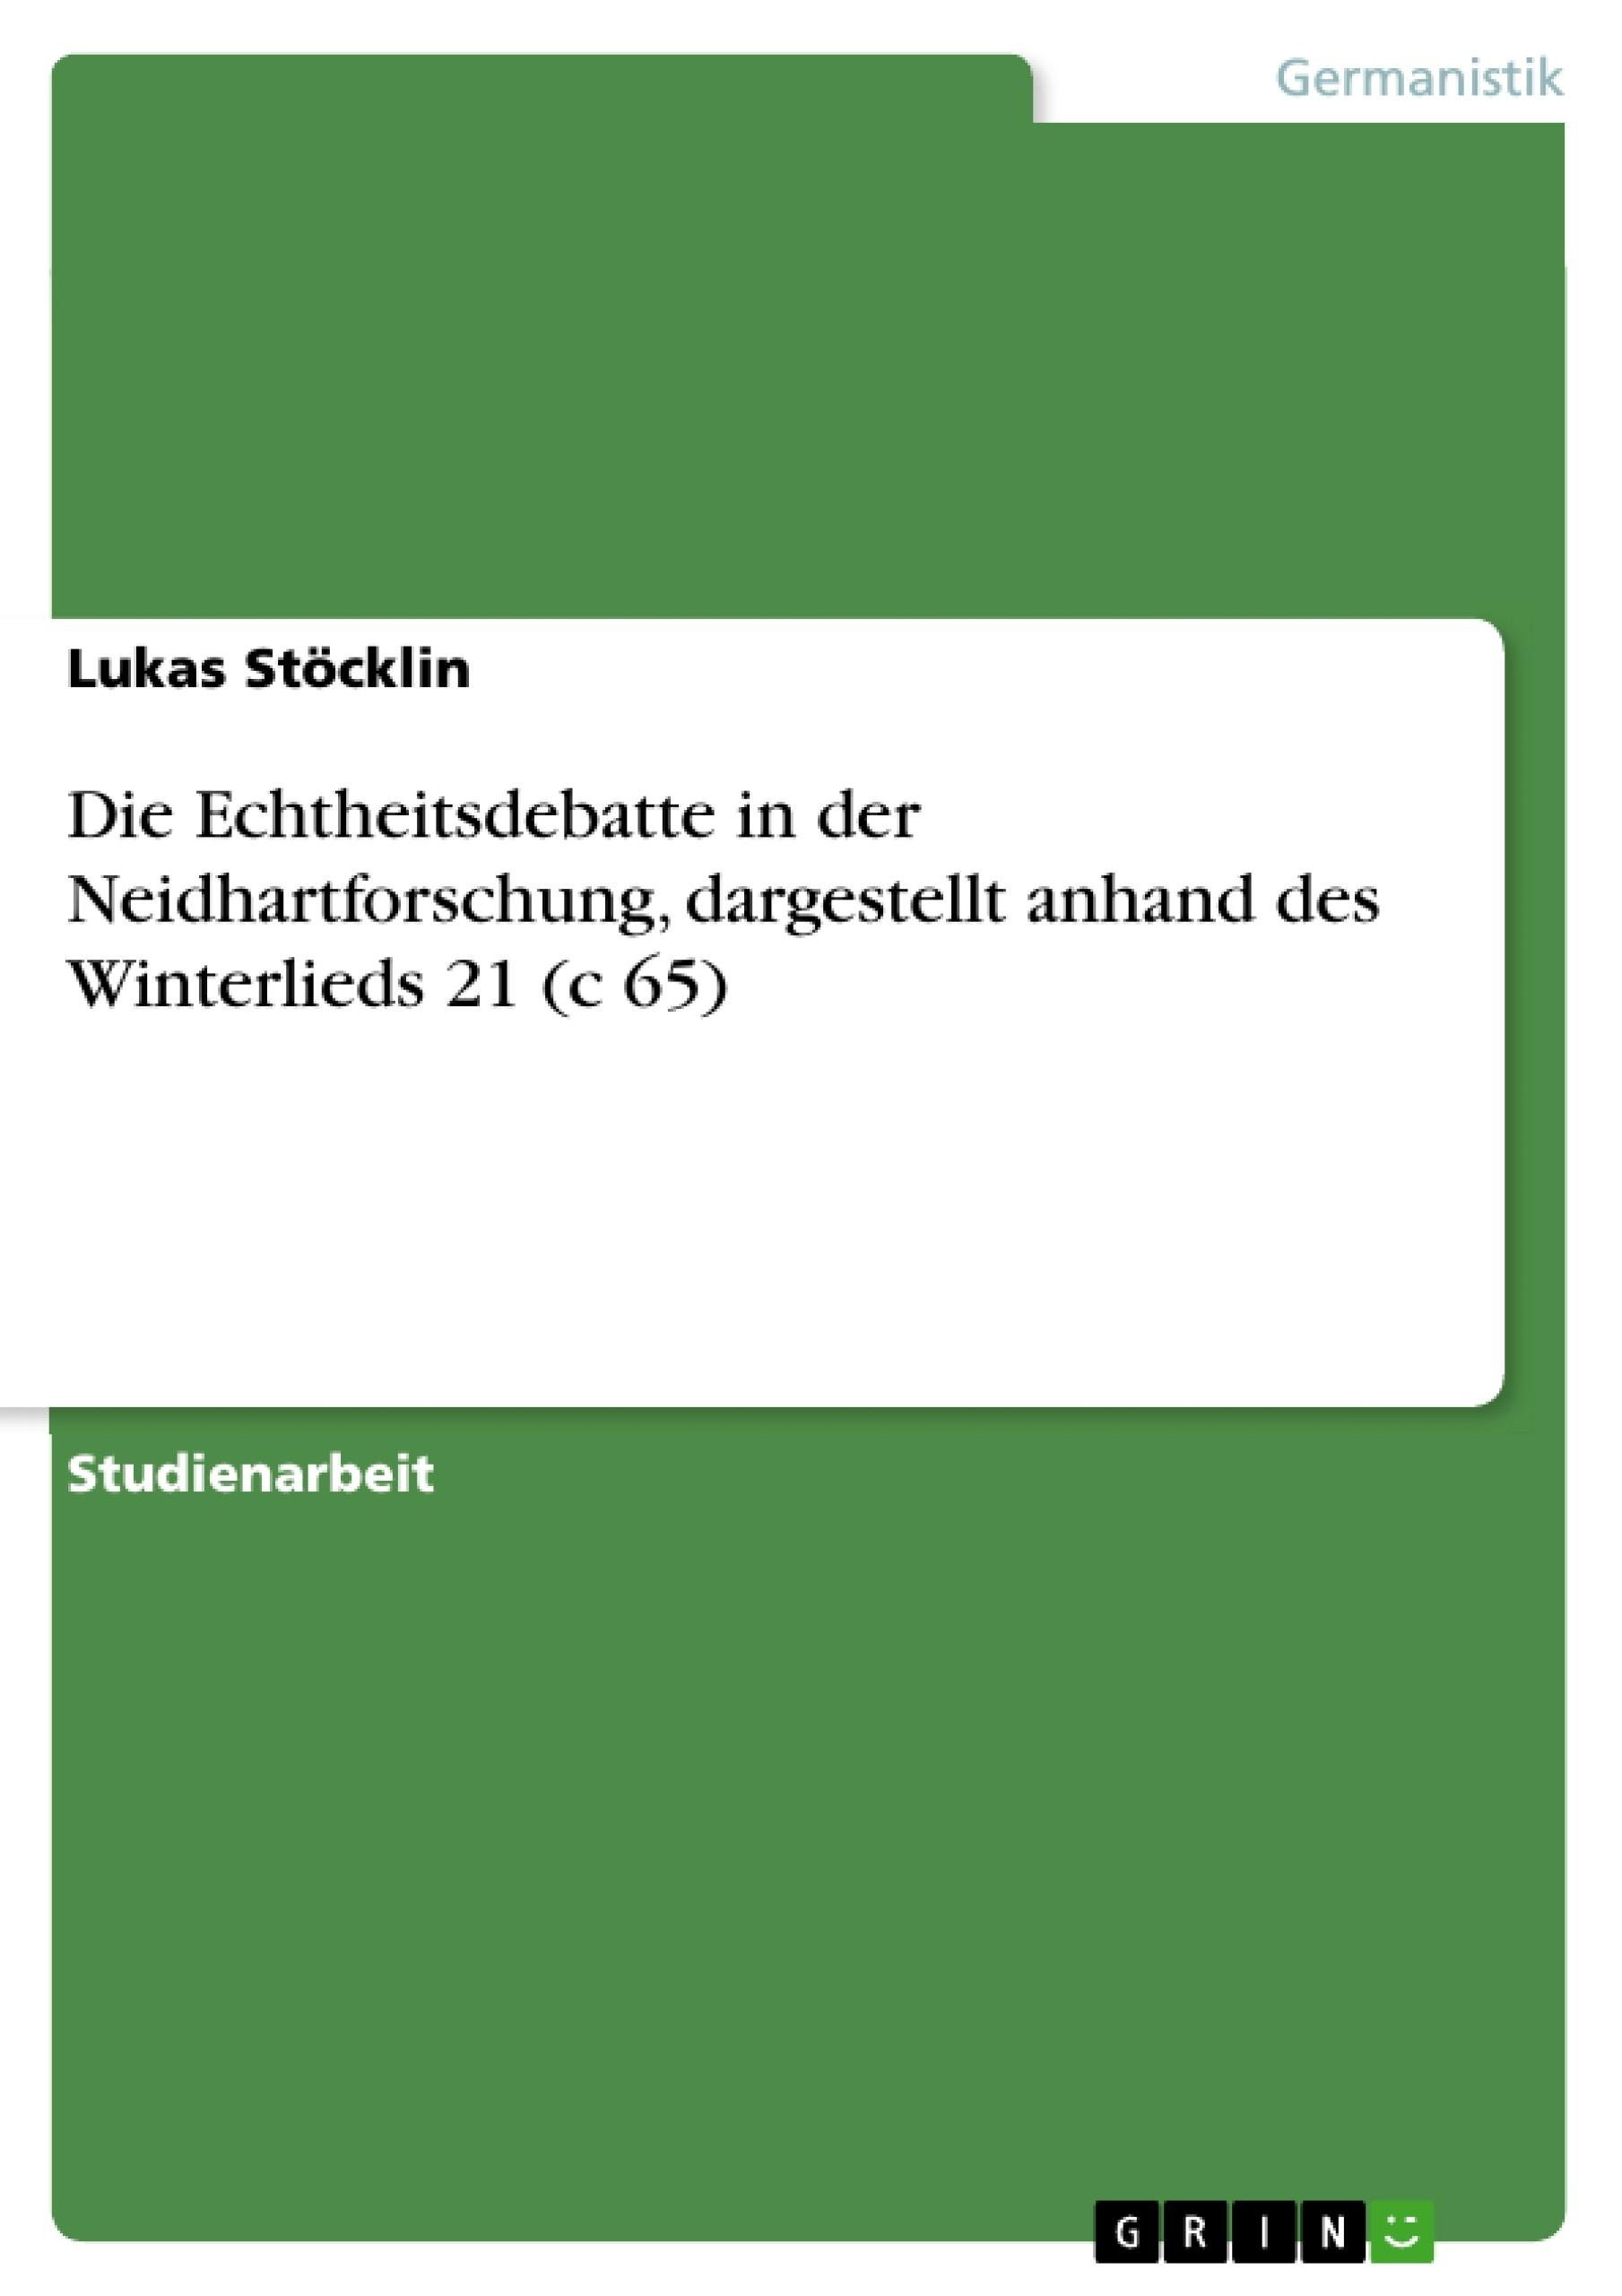 Titel: Die Echtheitsdebatte in der Neidhartforschung, dargestellt anhand des Winterlieds 21 (c 65)